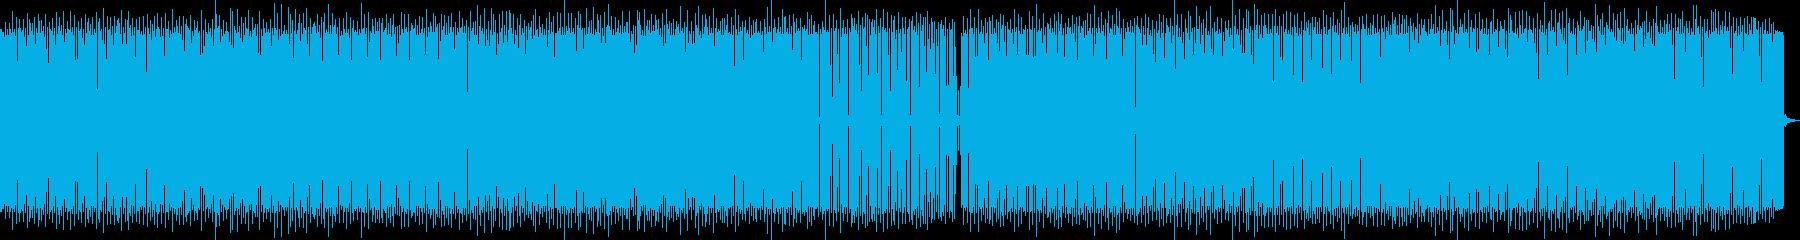 ゲームに使える楽しいダンス&クイズ曲の再生済みの波形